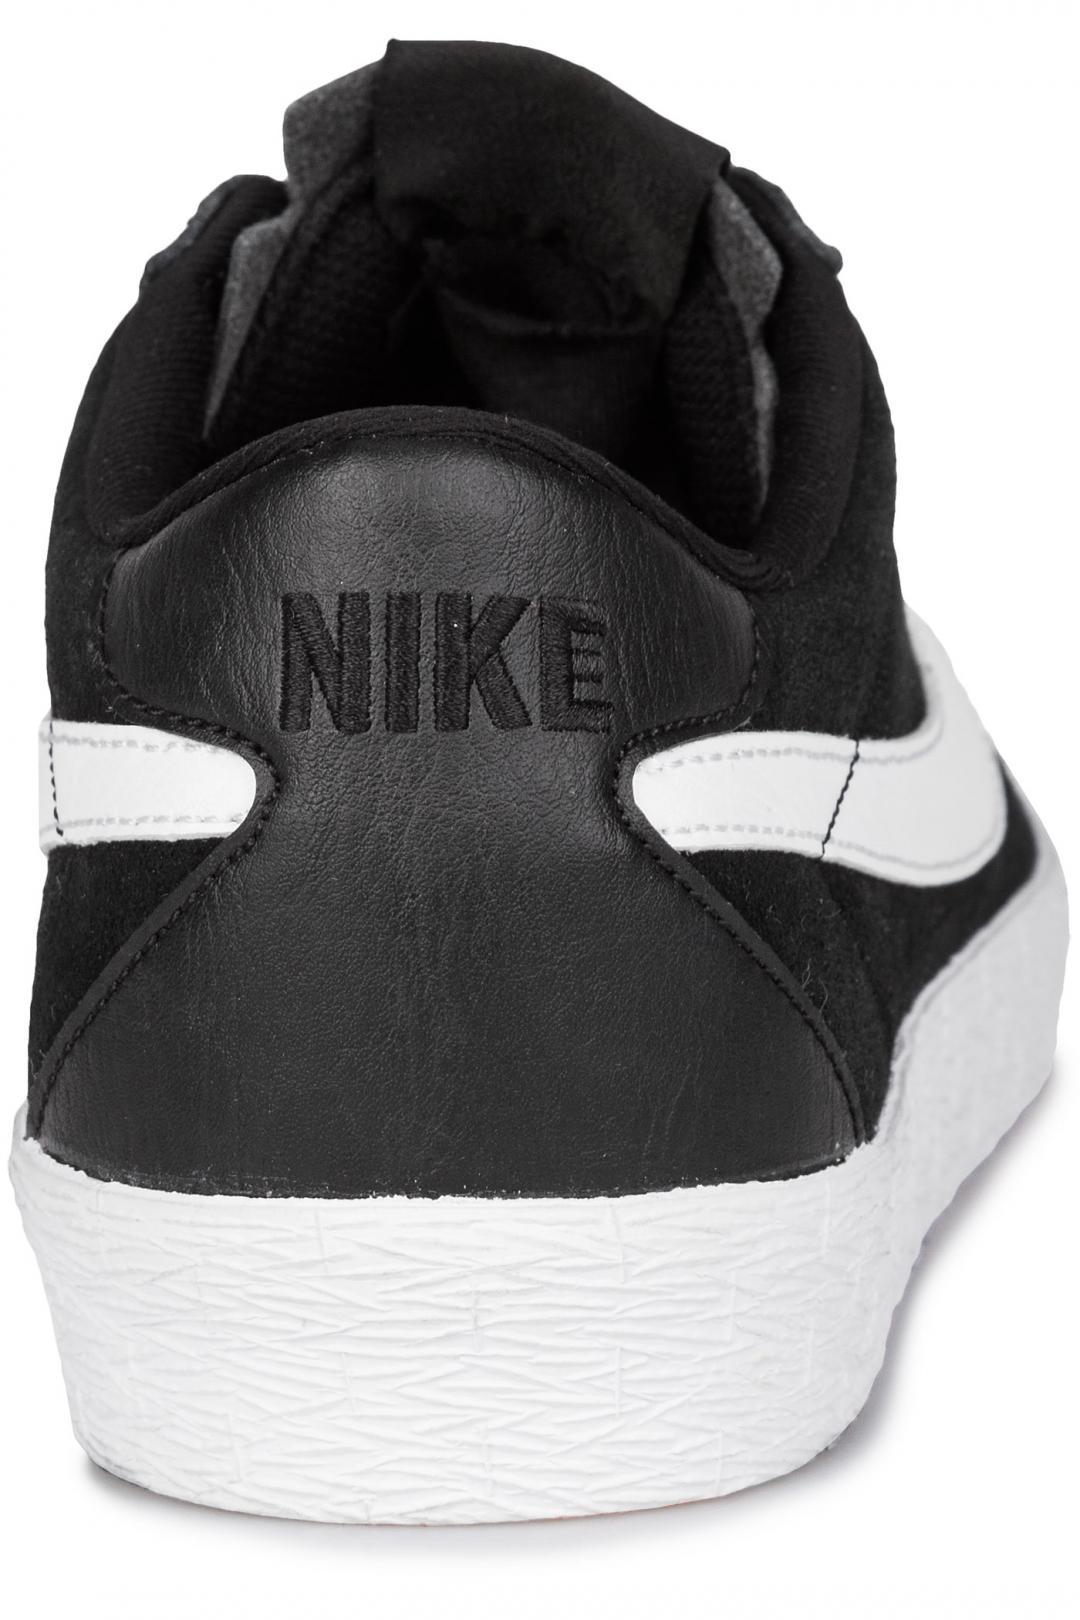 Uomo Nike SB Zoom Bruin black white   Scarpe da skate